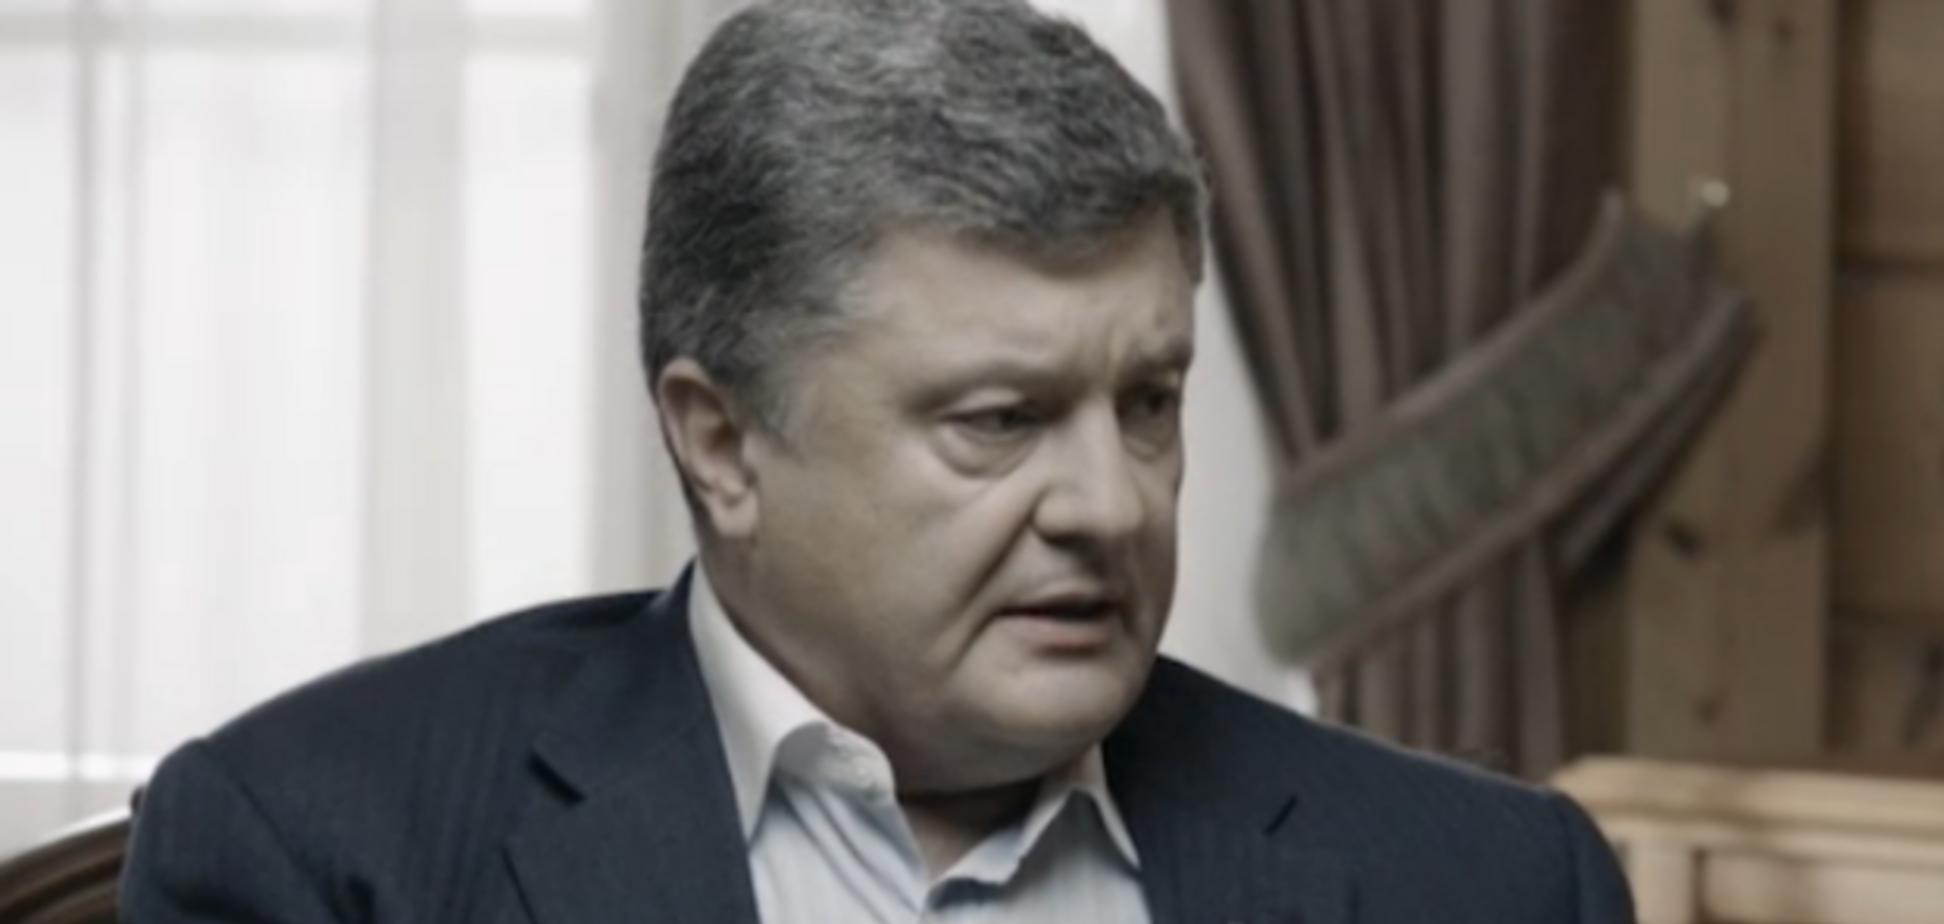 Порошенко: під загрозою був не тільки Донбас, а й весь південь України